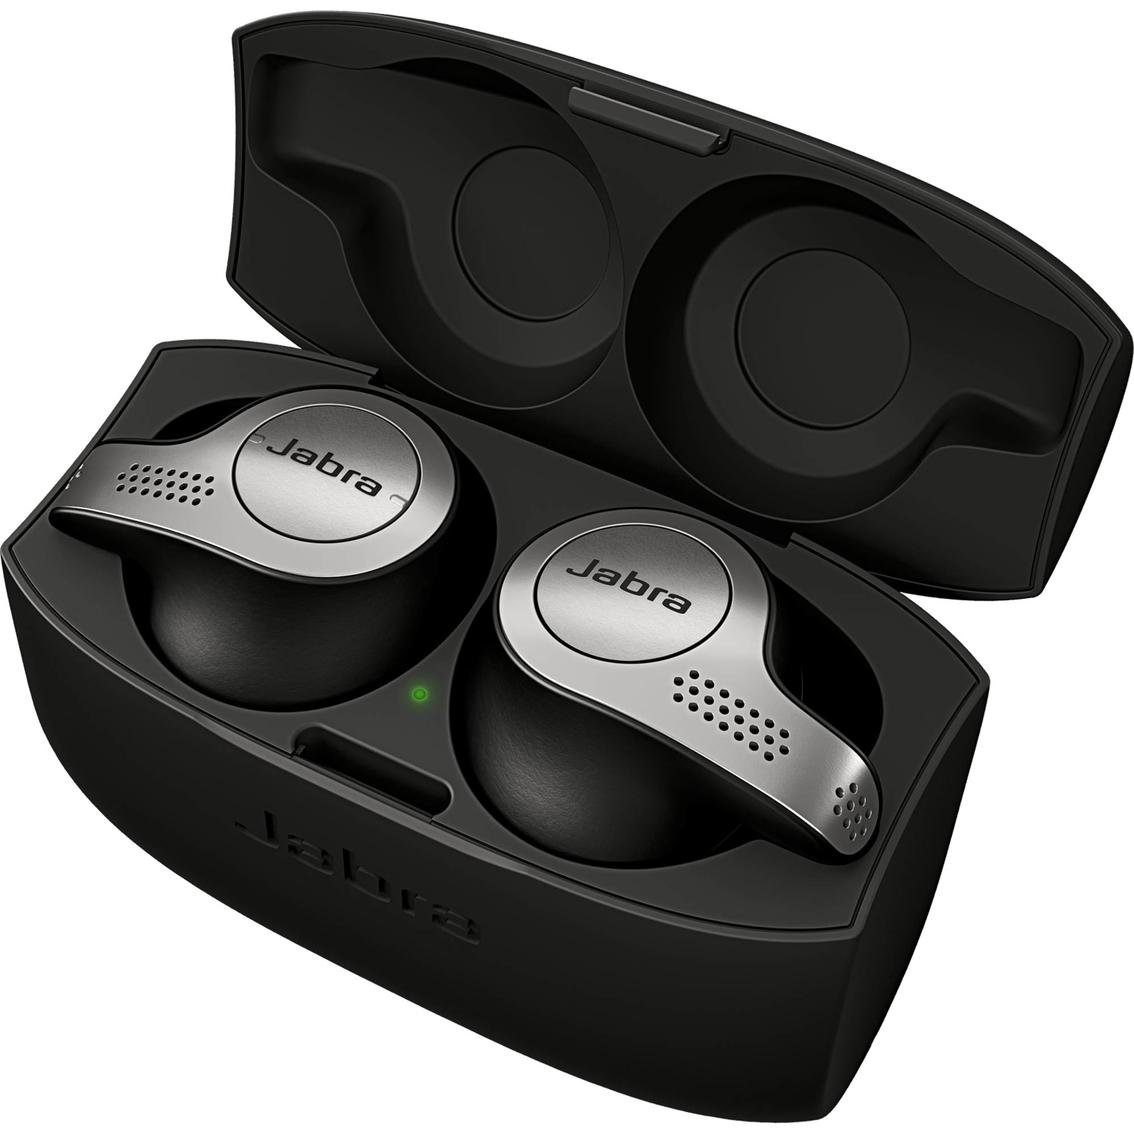 Jabra Elite 65t Wireless Earbuds Headphones Microphones Home Office School Shop The Exchange